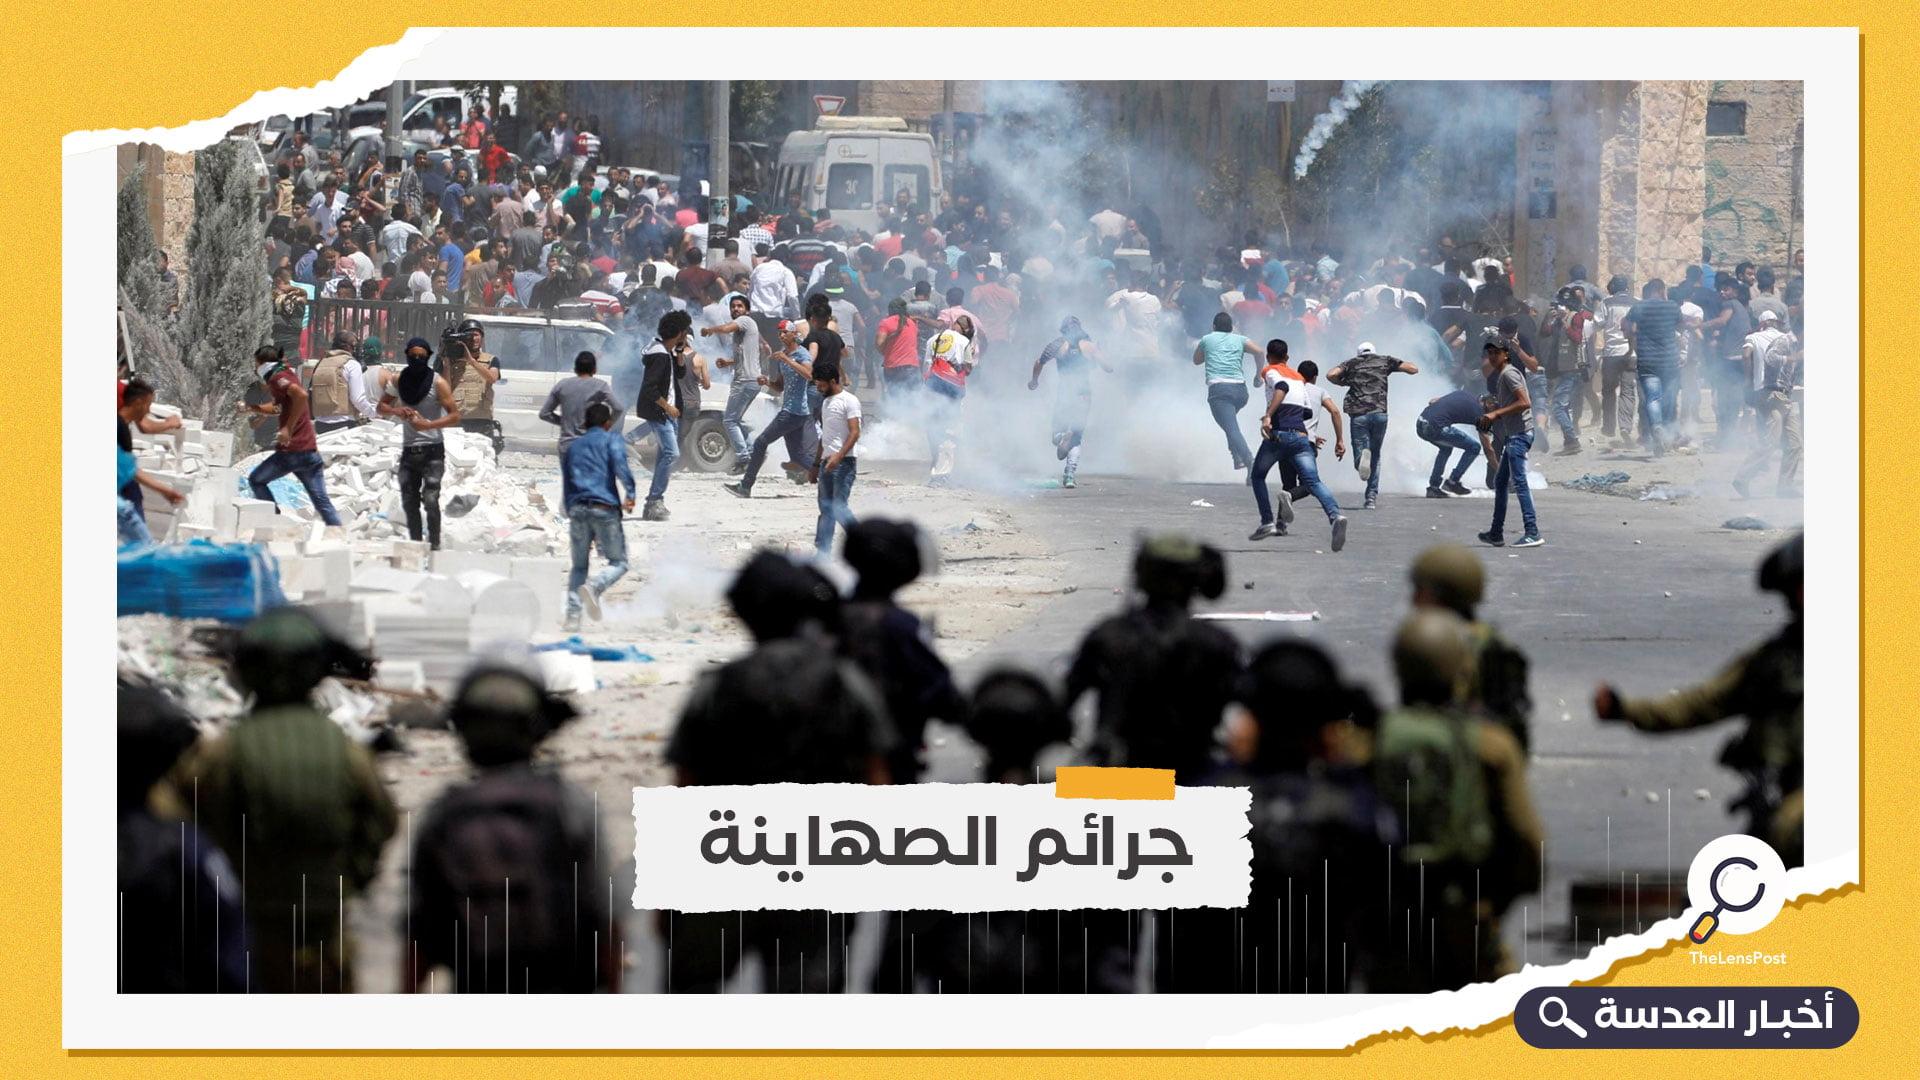 جيش الاحتلال الإسرائيلي يعتقل قائدين من حركة حماس في الضفة